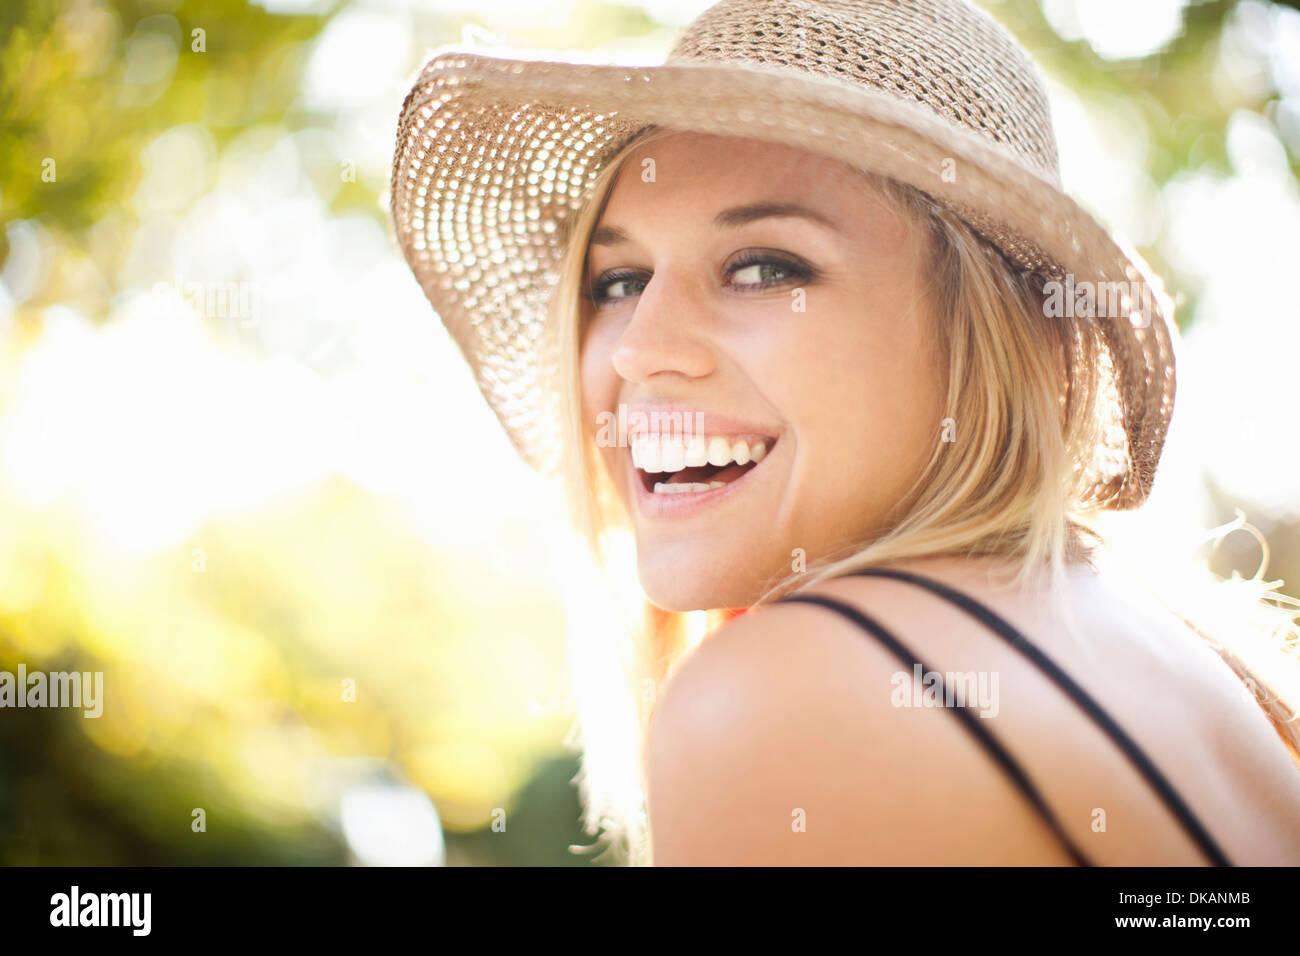 Close Up retrato de mujer joven en el parque Imagen De Stock